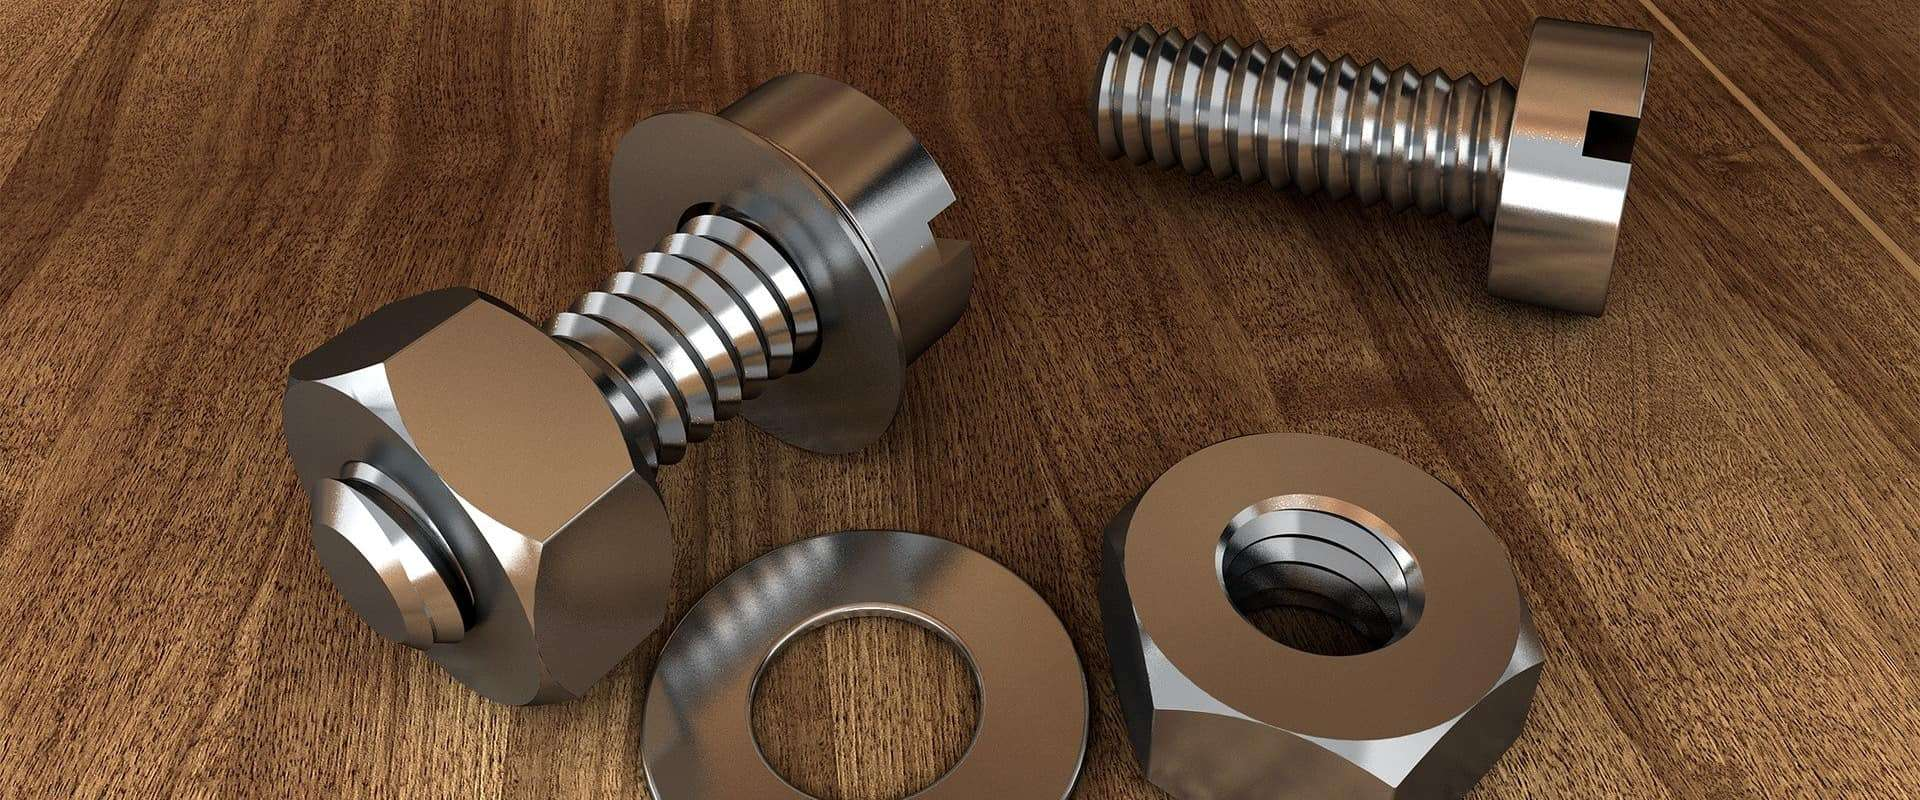 News: Produktionsaufträge und Kundenaufträge digital kommissionieren